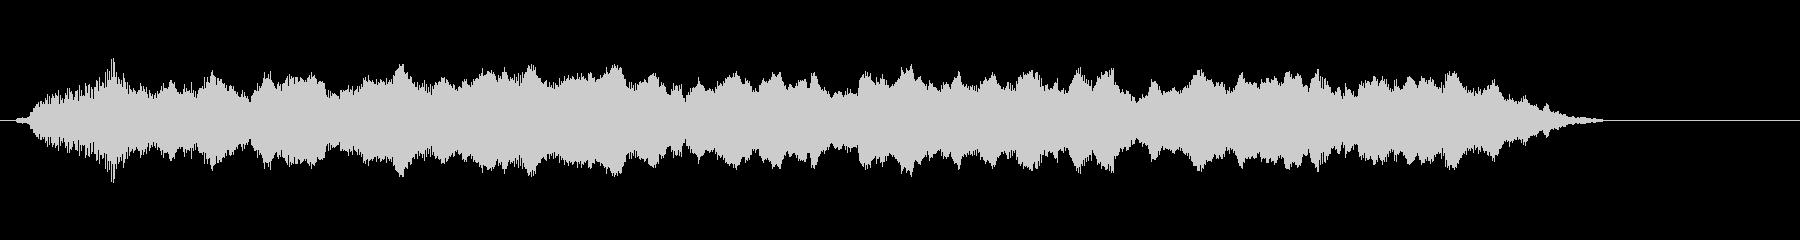 汽笛の音圧ラジオ・TV規格の未再生の波形